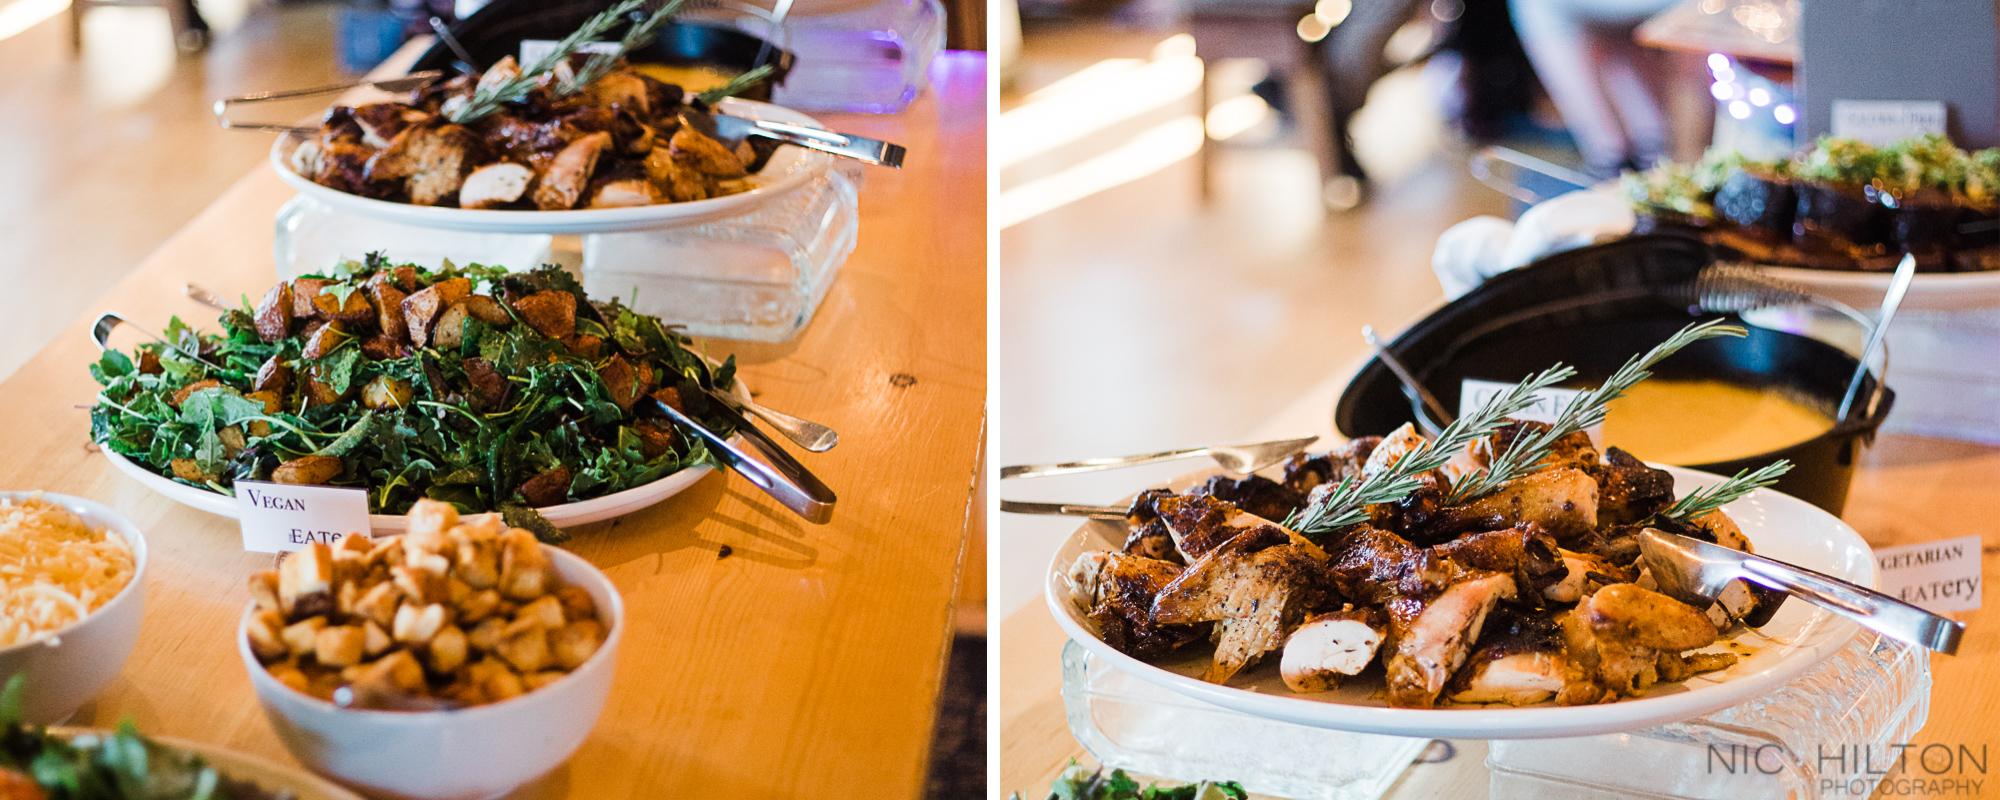 mammoth-brewery-reception-food.jpg